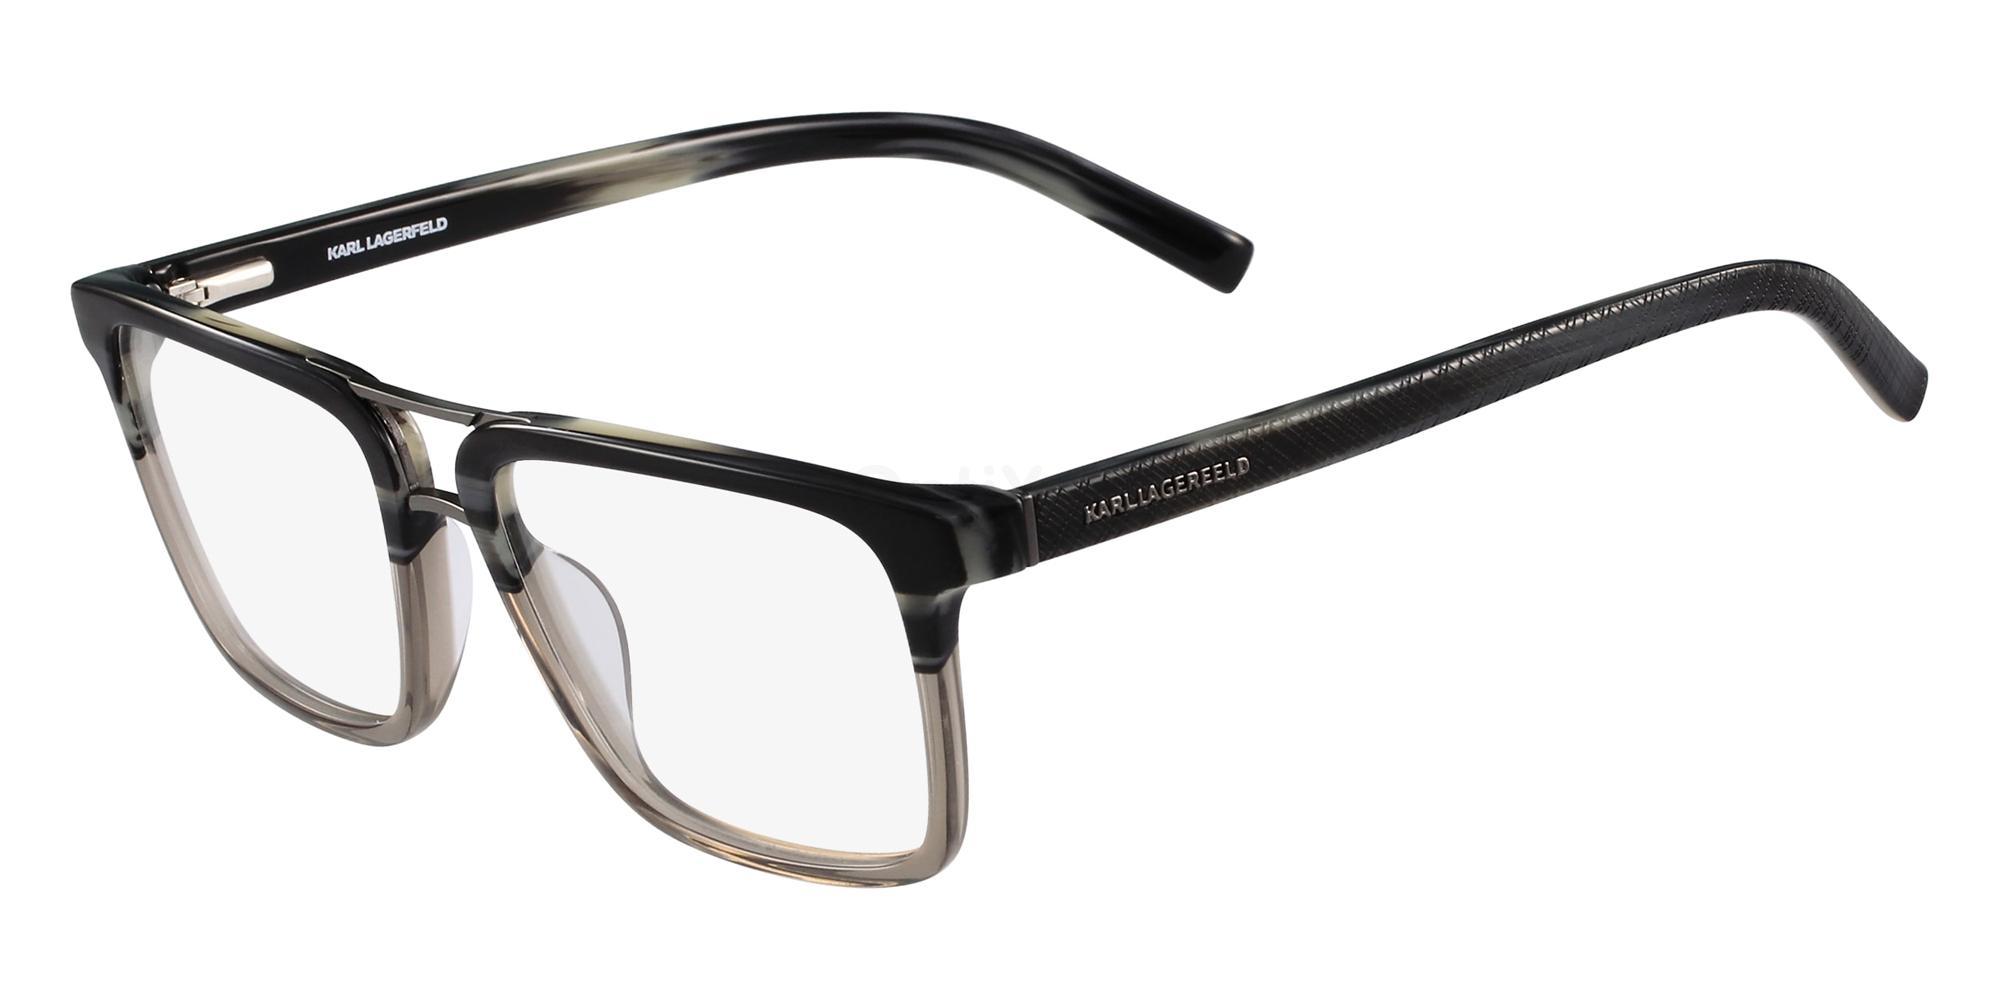 032 KL925 Glasses, Karl Lagerfeld